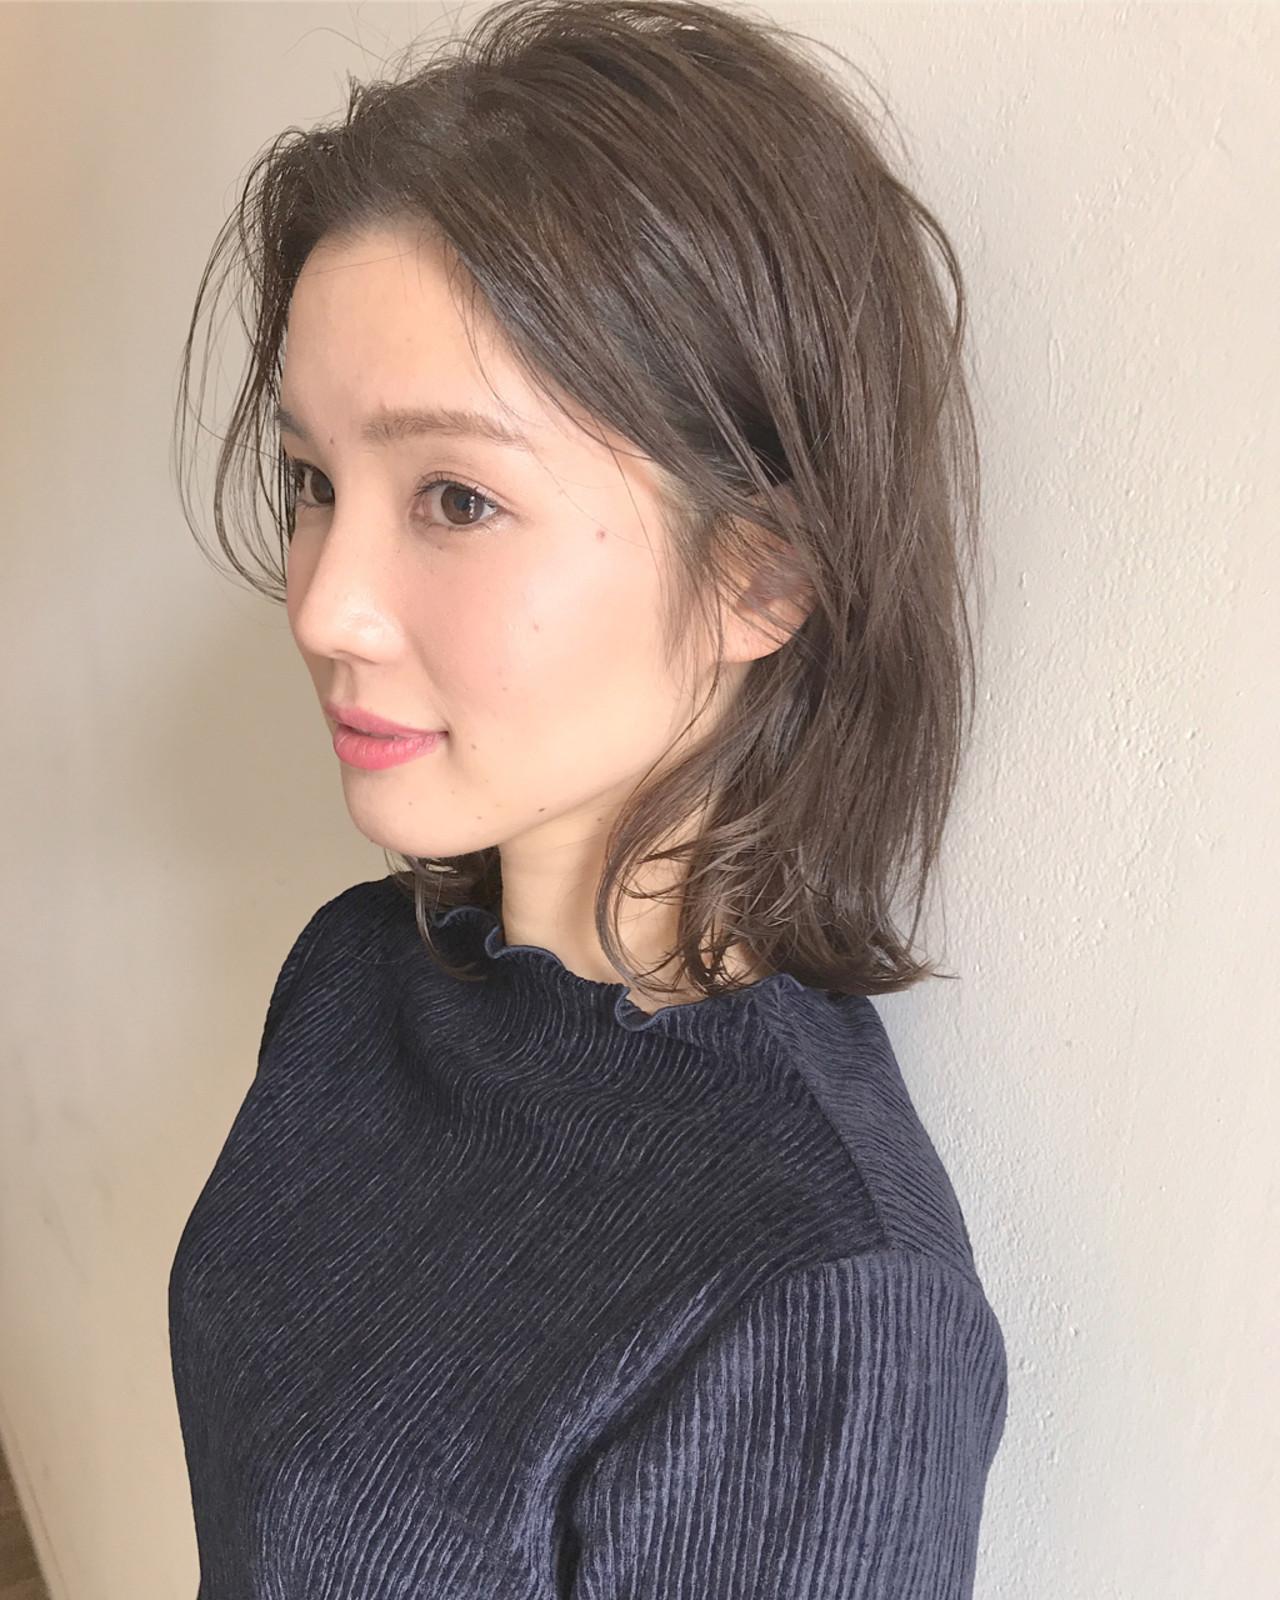 ワンランク上の髪型へシフト♡30代の女性に人気の髪型カタログ♪の4枚目の画像